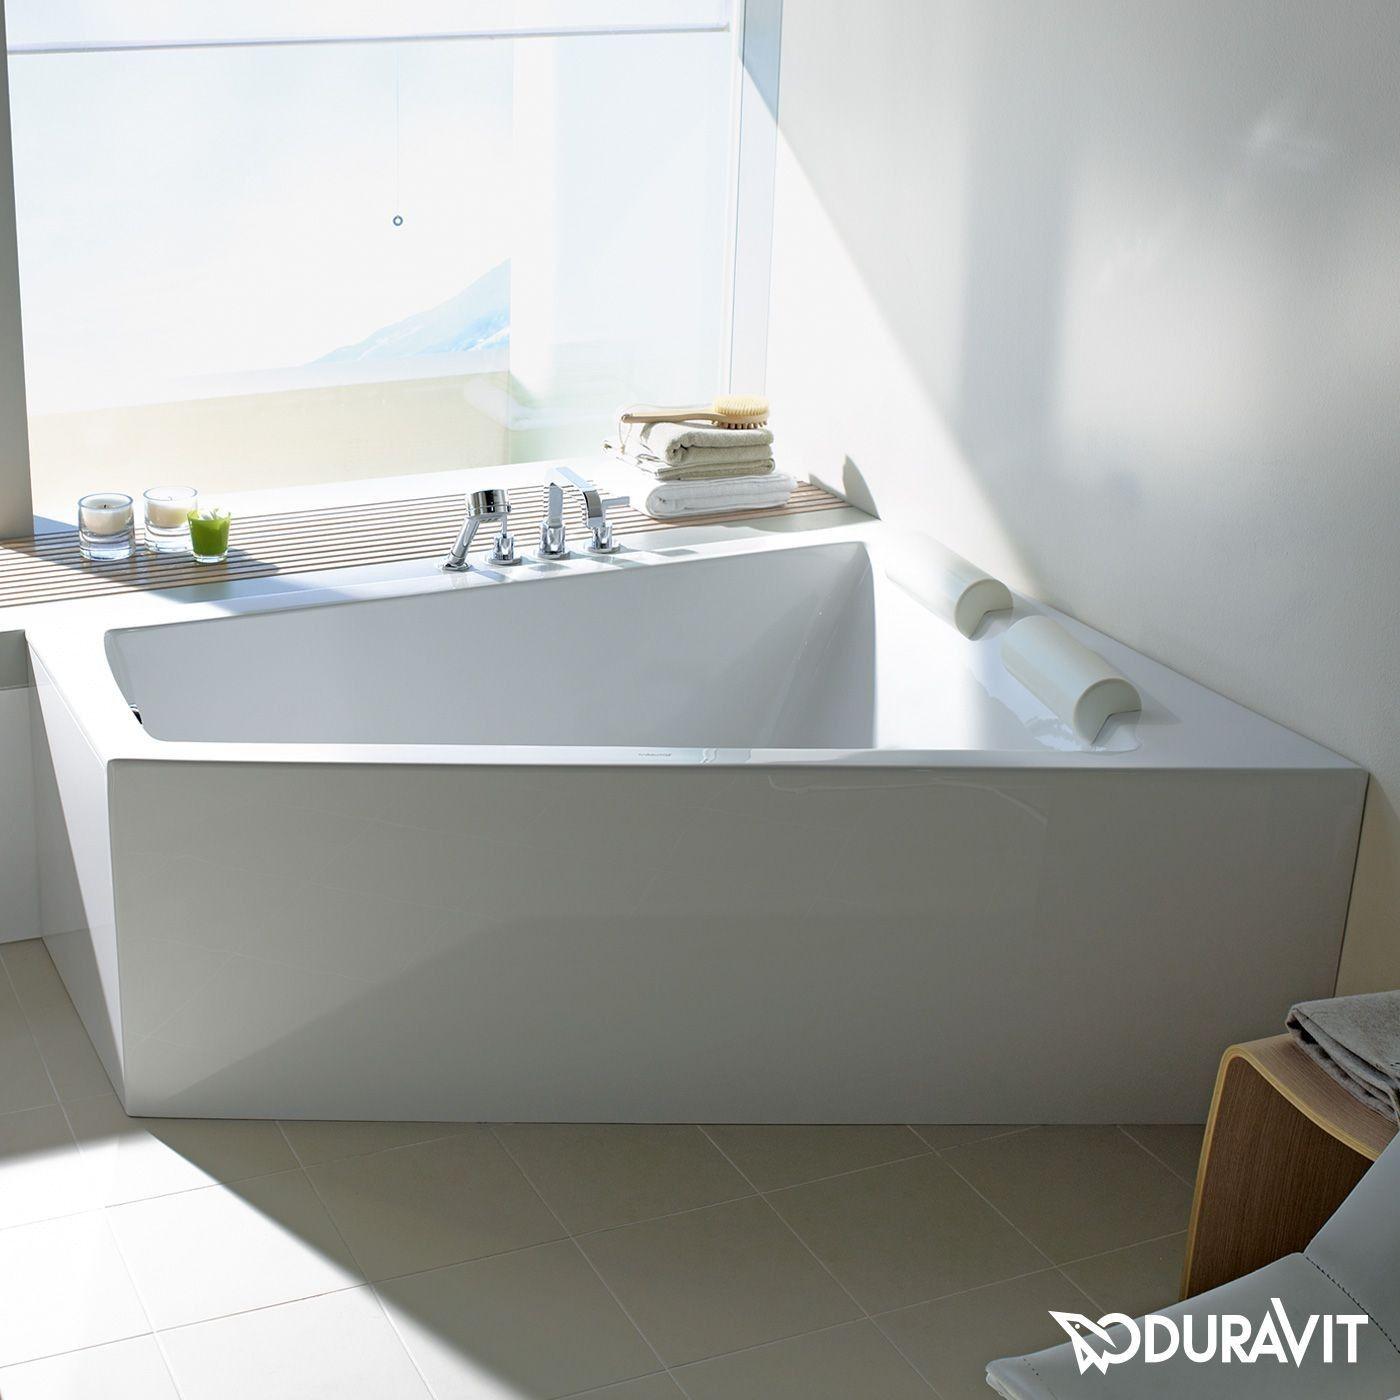 Pin Di Soomin Lee Su Bathroom Bagno Idee Per Il Bagno Vasca